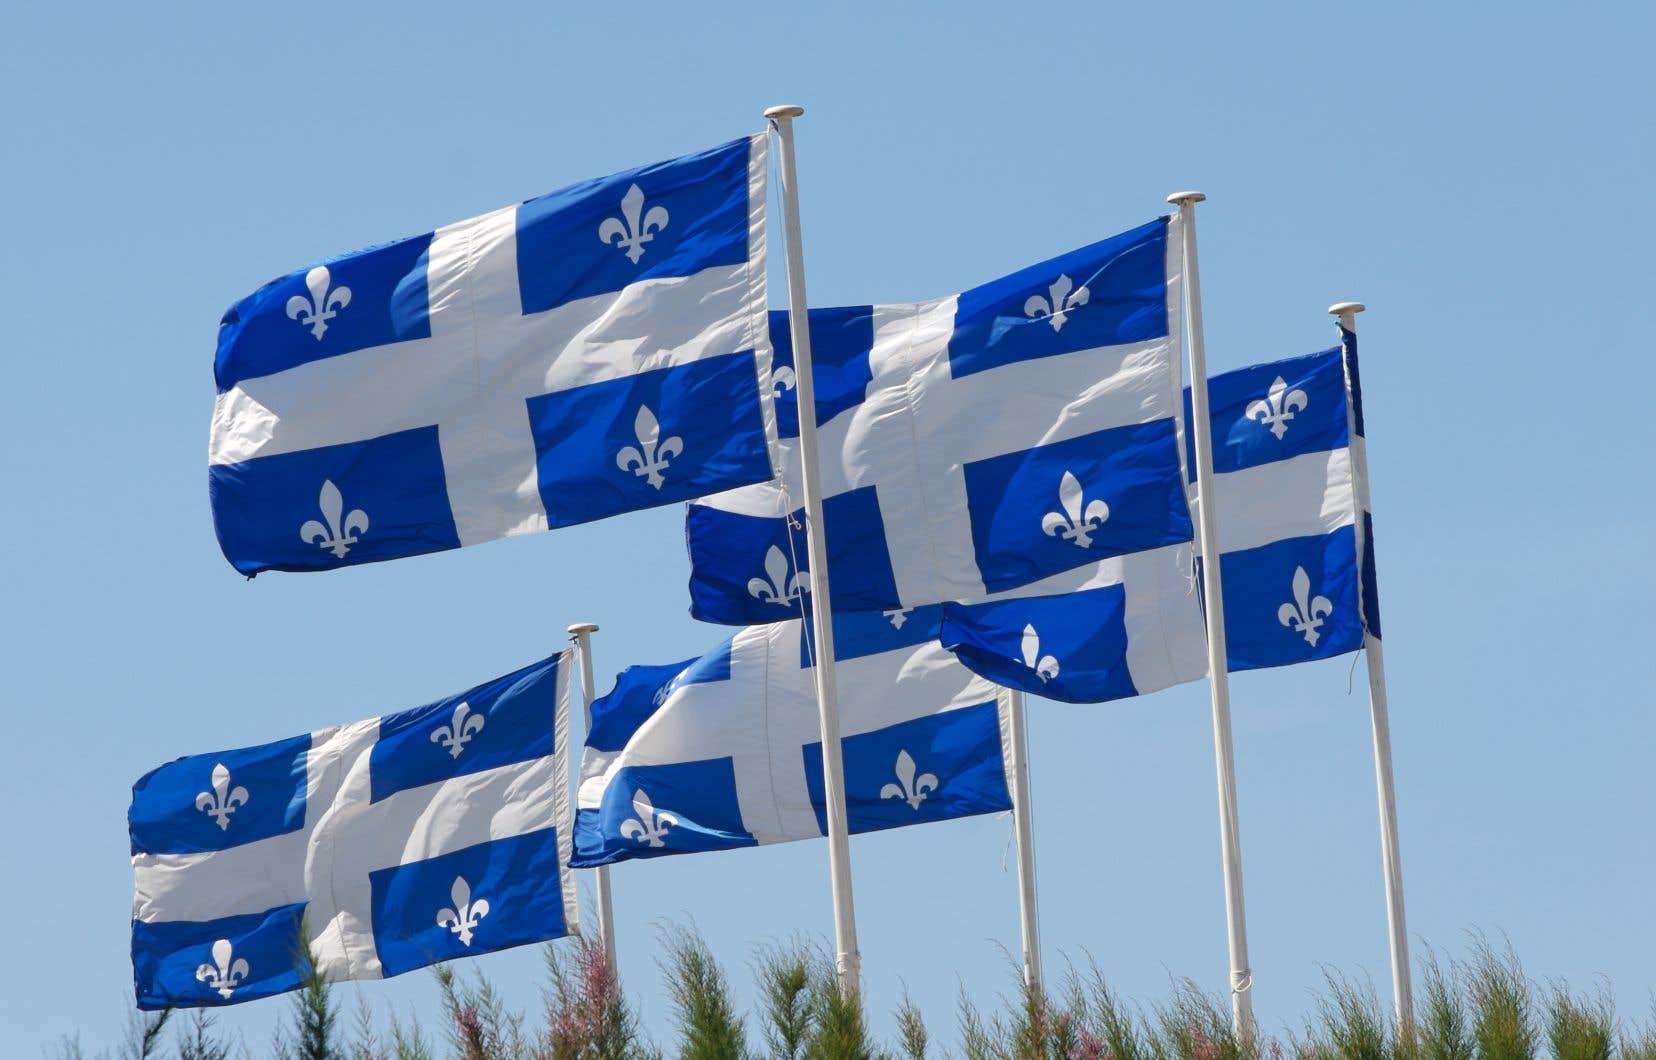 «Cette traduction aurait l'avantage d'imposer un vocabulaire qui correspond au Québec réel: celui d'un véritable État national, doté de ses institutions propres, au sein de la fédération canadienne», affirme l'auteur.